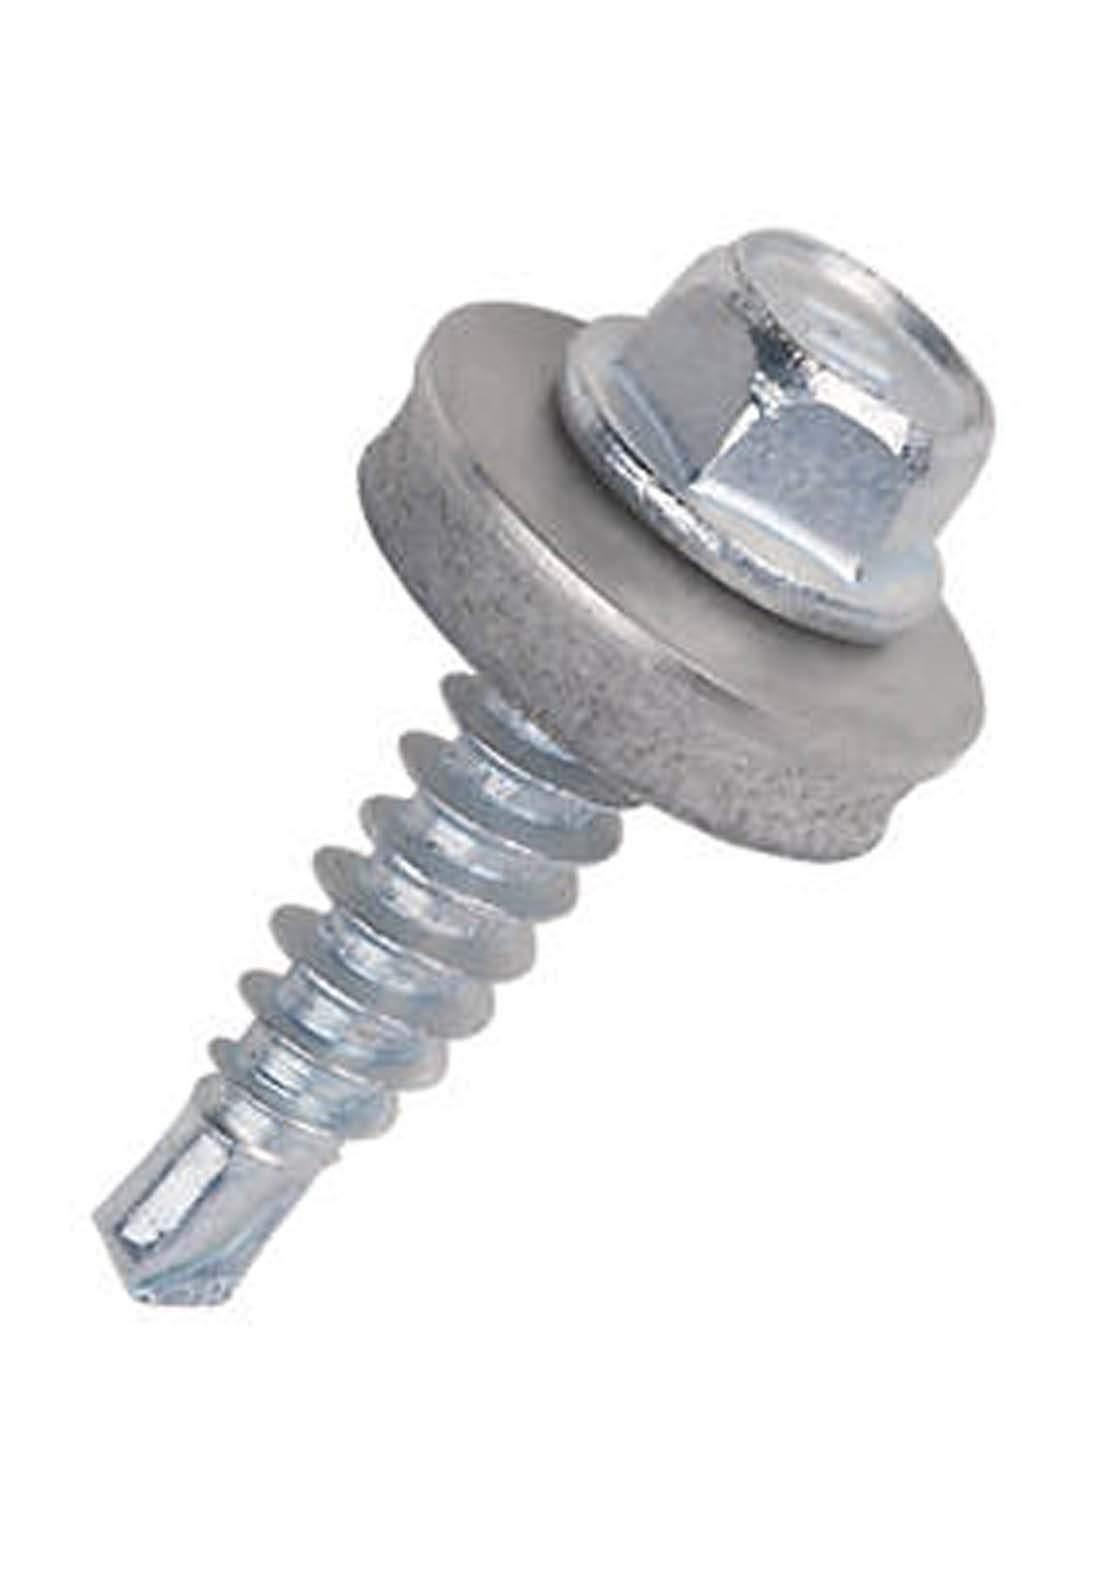 Patta Self Drilling Screw Hex Washer Head 6.3*50 mm  برغي برينة